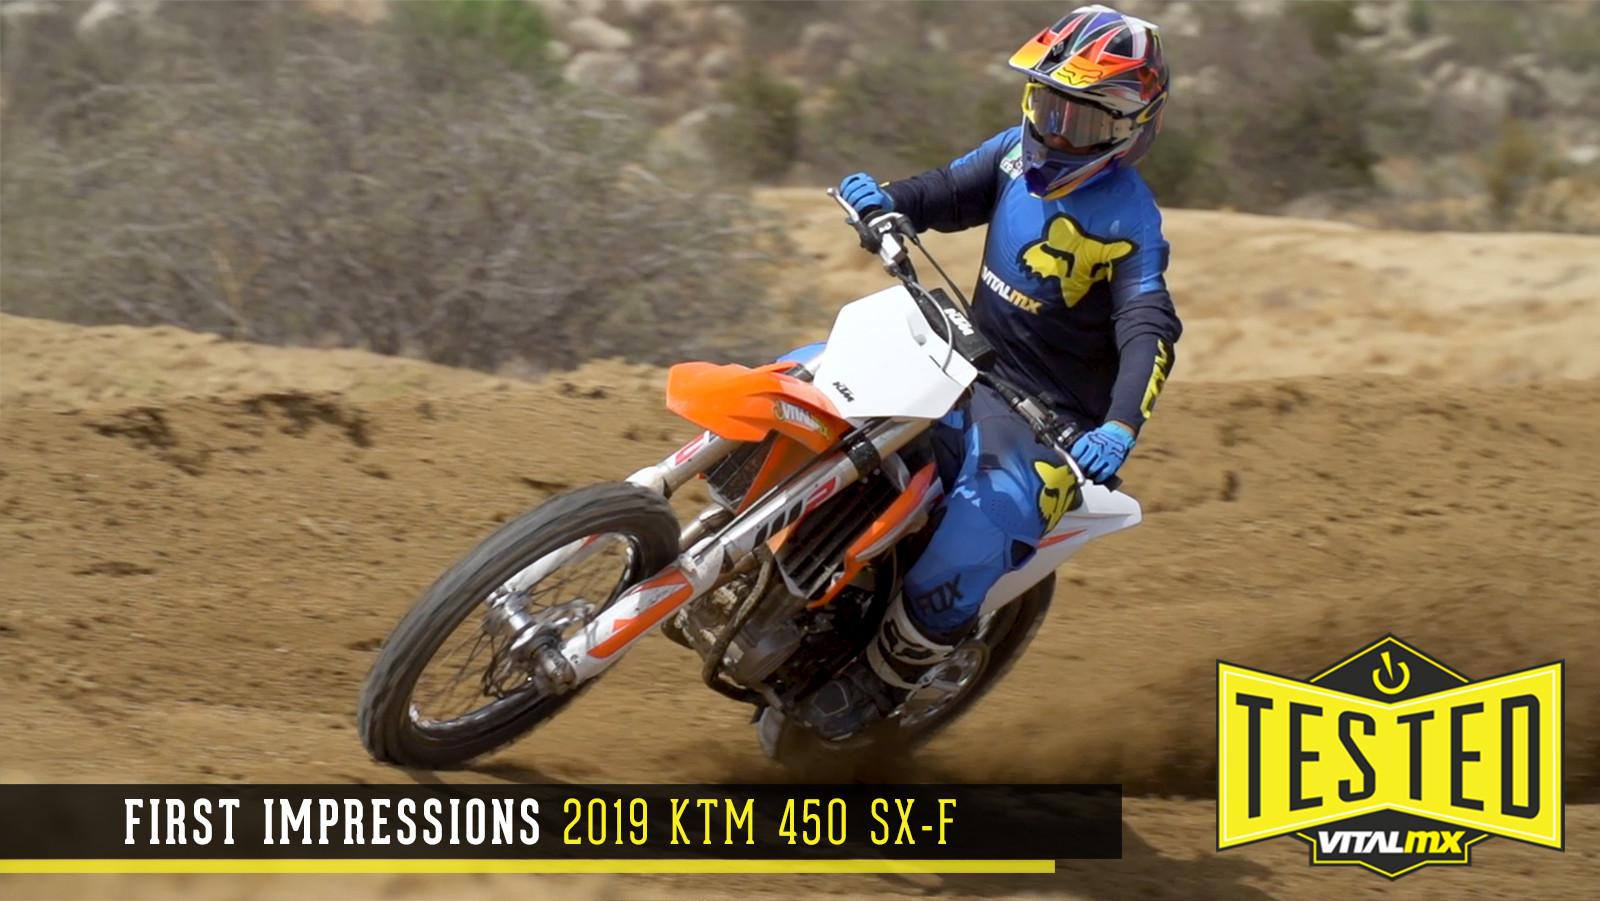 First Impressions: 2019 KTM 450 SX-F